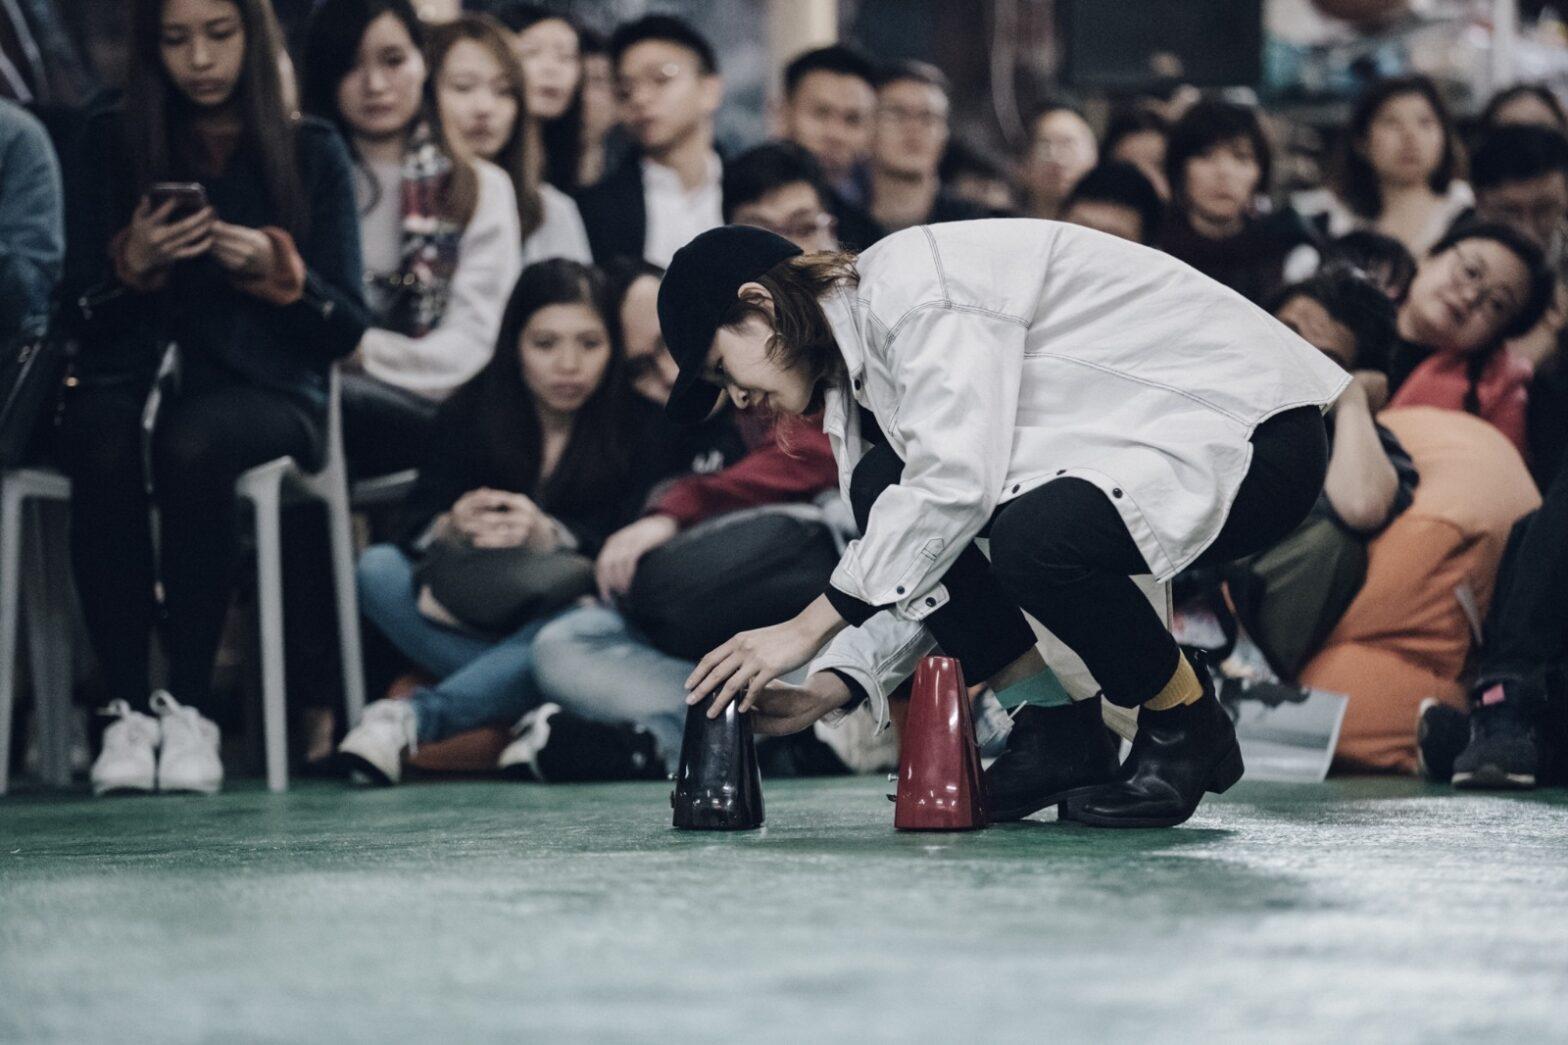 Kwan Q Li, Time Factory, 2018. Performance. Photo: Pan Chan